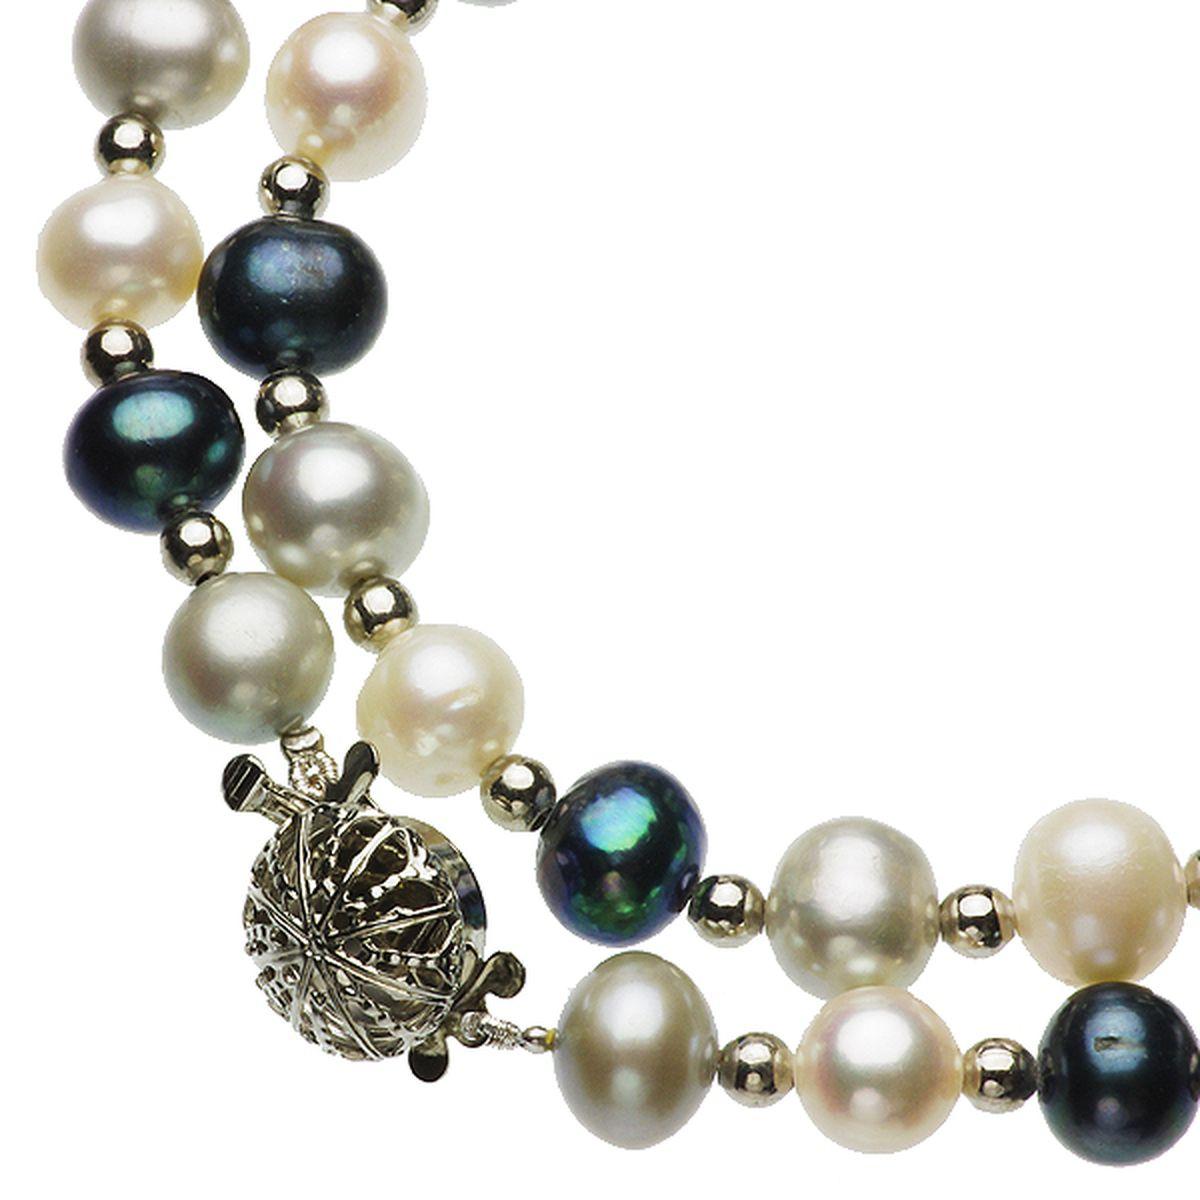 淡水真珠オリジナルデザインネックレス 約8.0-9.0mmの写真